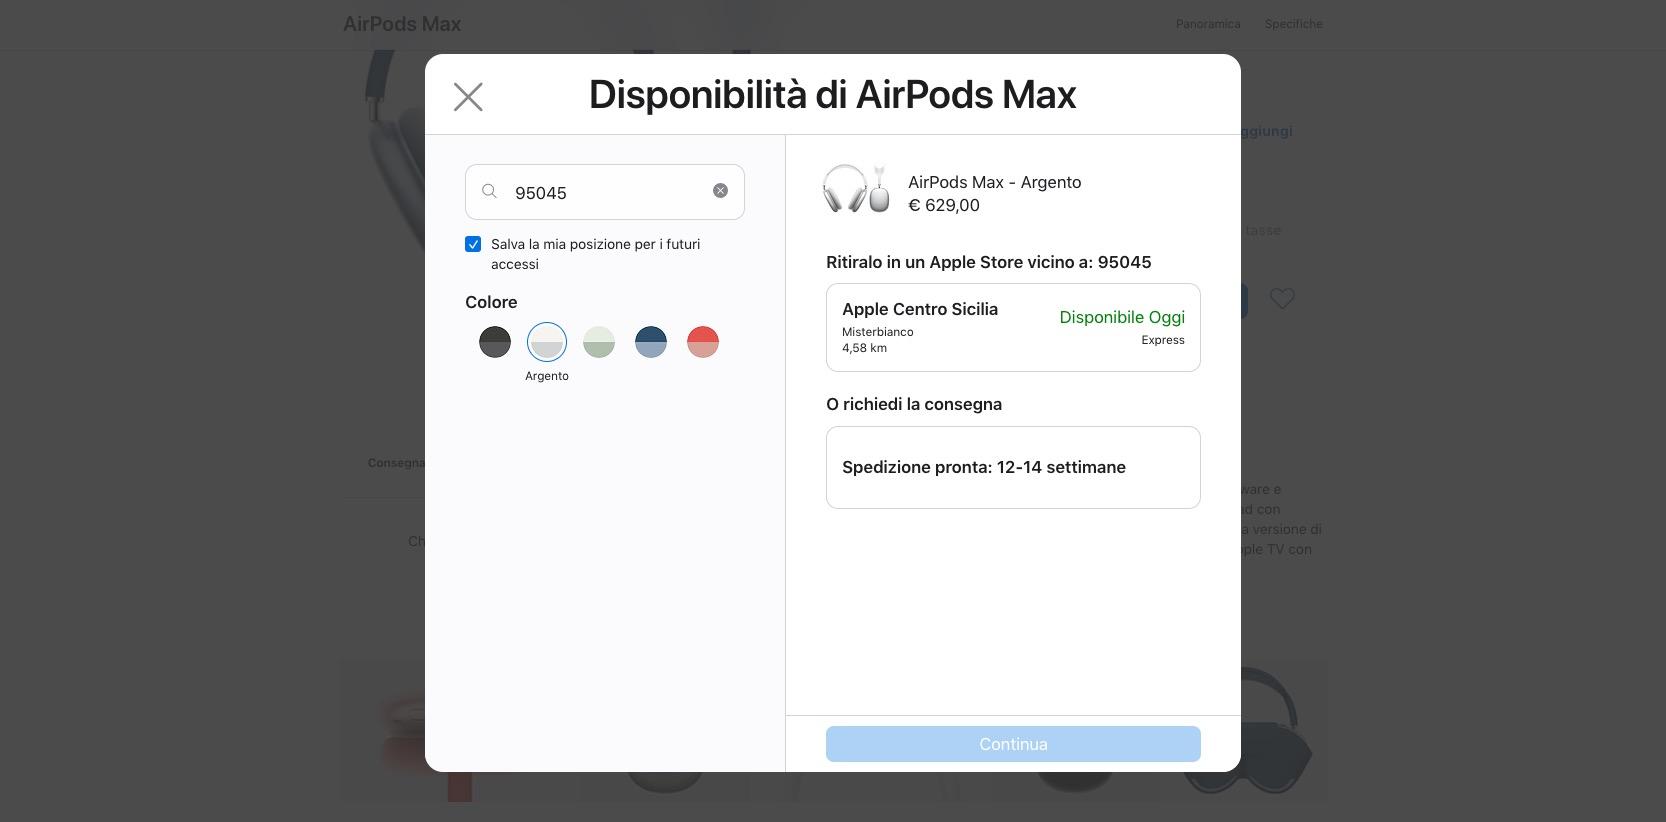 AirPods Max disponibili per il ritiro in giornata presso gli Apple Store in Italia